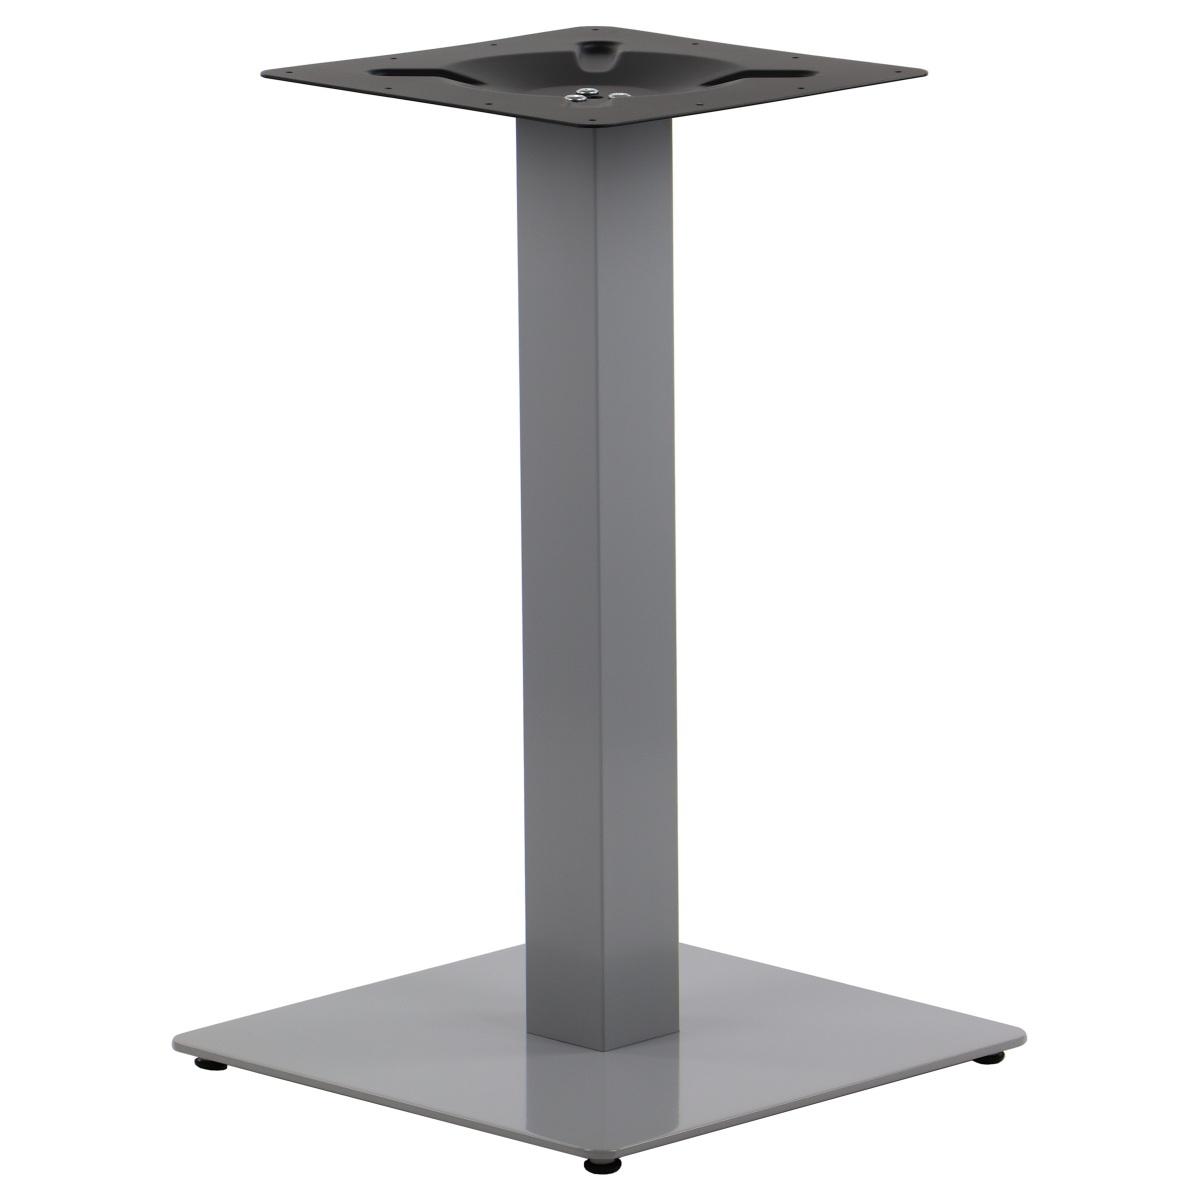 Podstawa do stolika EF-SH-5002-5/A - 45x45 cm, wys. 72,5 cm